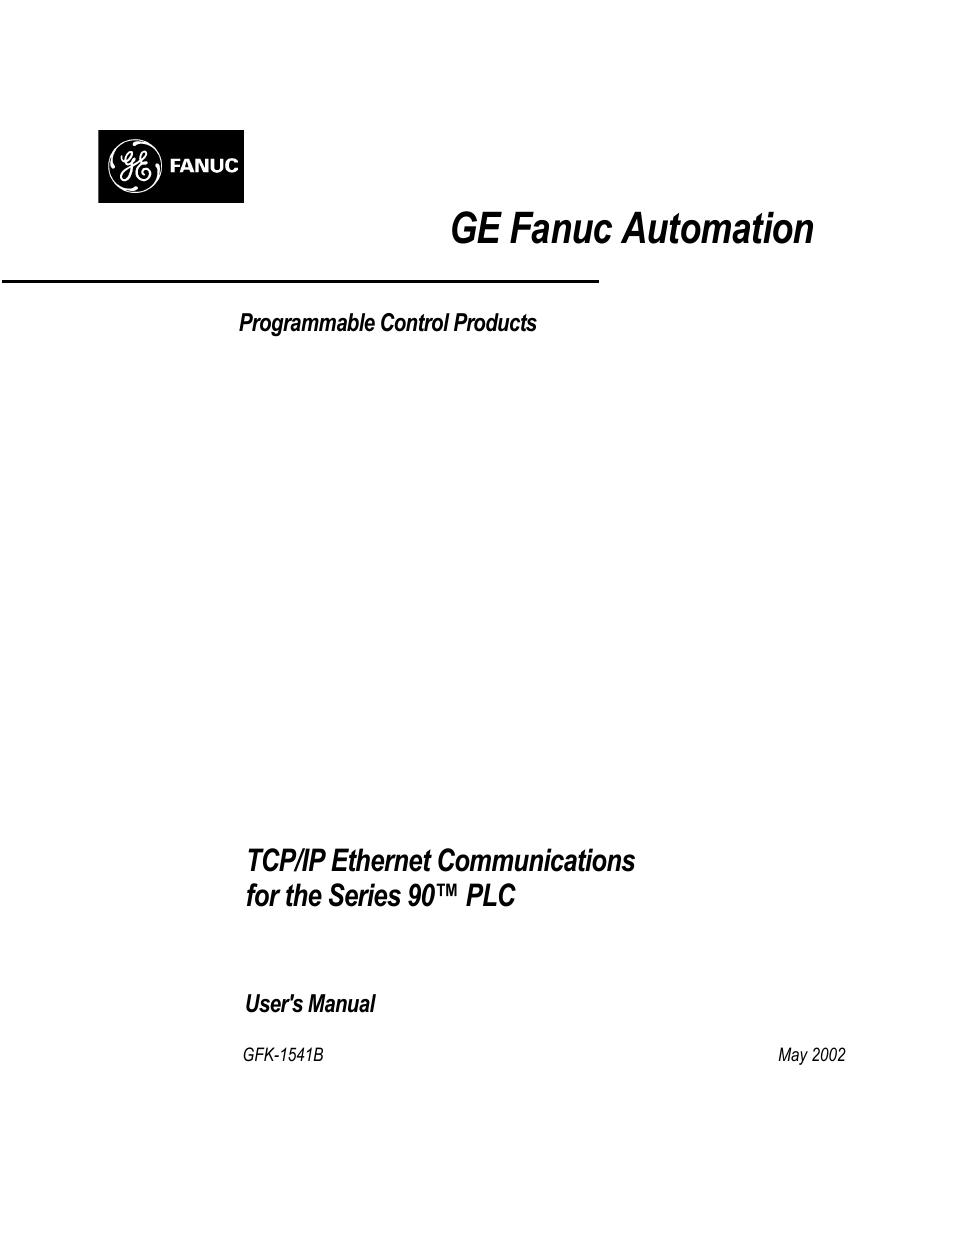 fanuc robotics america gfk 1541b user manual 240 pages rh manualsdir com Robot Fanuc Control Manual Fanuc Robot Manuals PDF